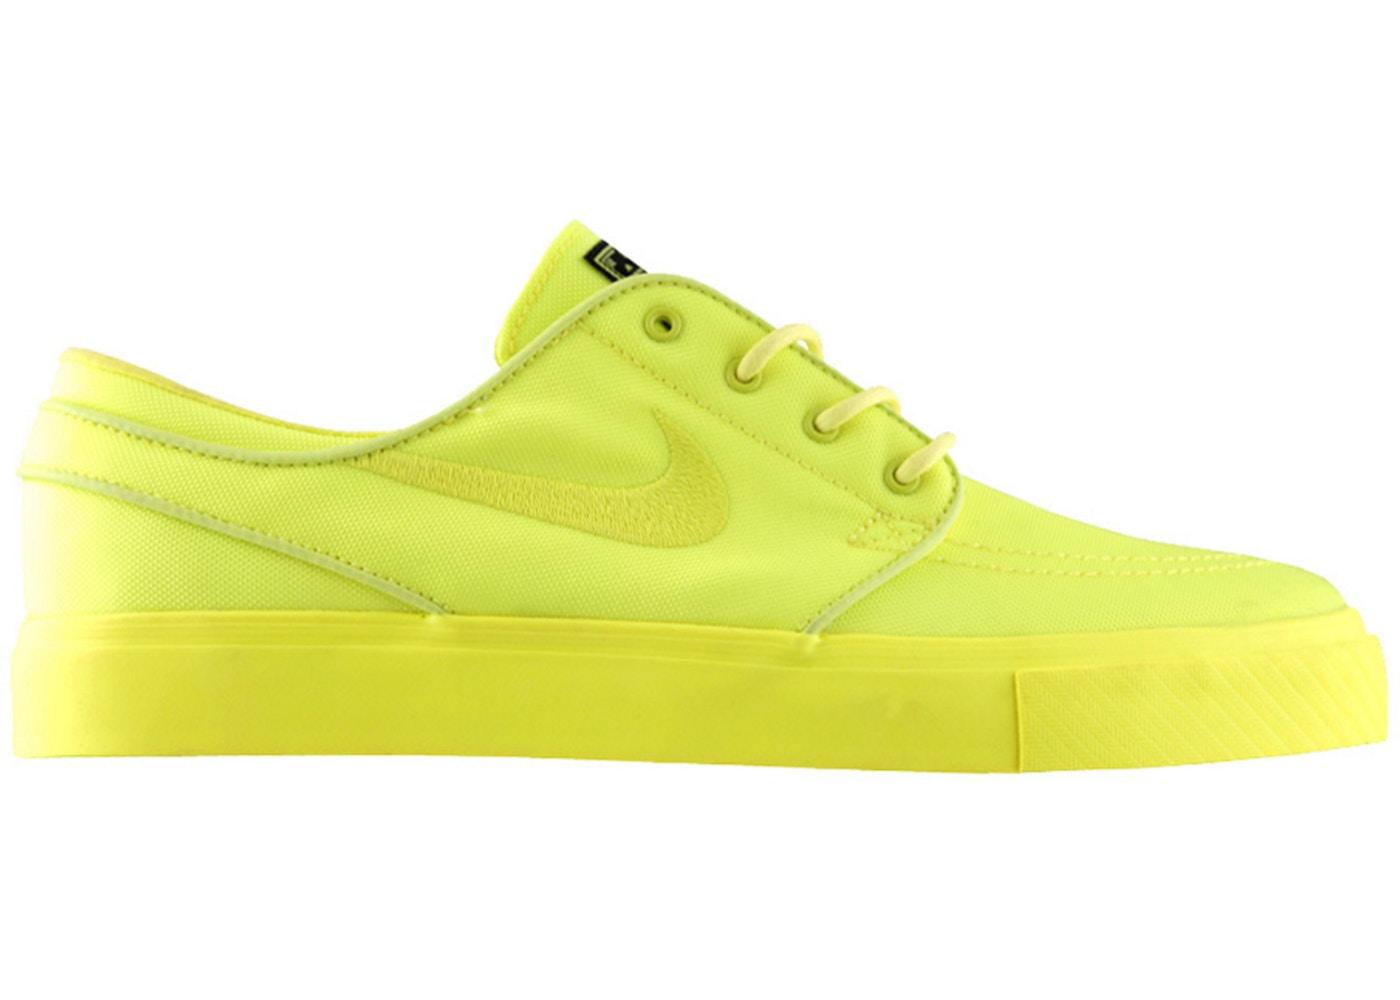 60320e8304adcf Nike SB Stefan Janoski Zoom Lemon Twist - 333824-770